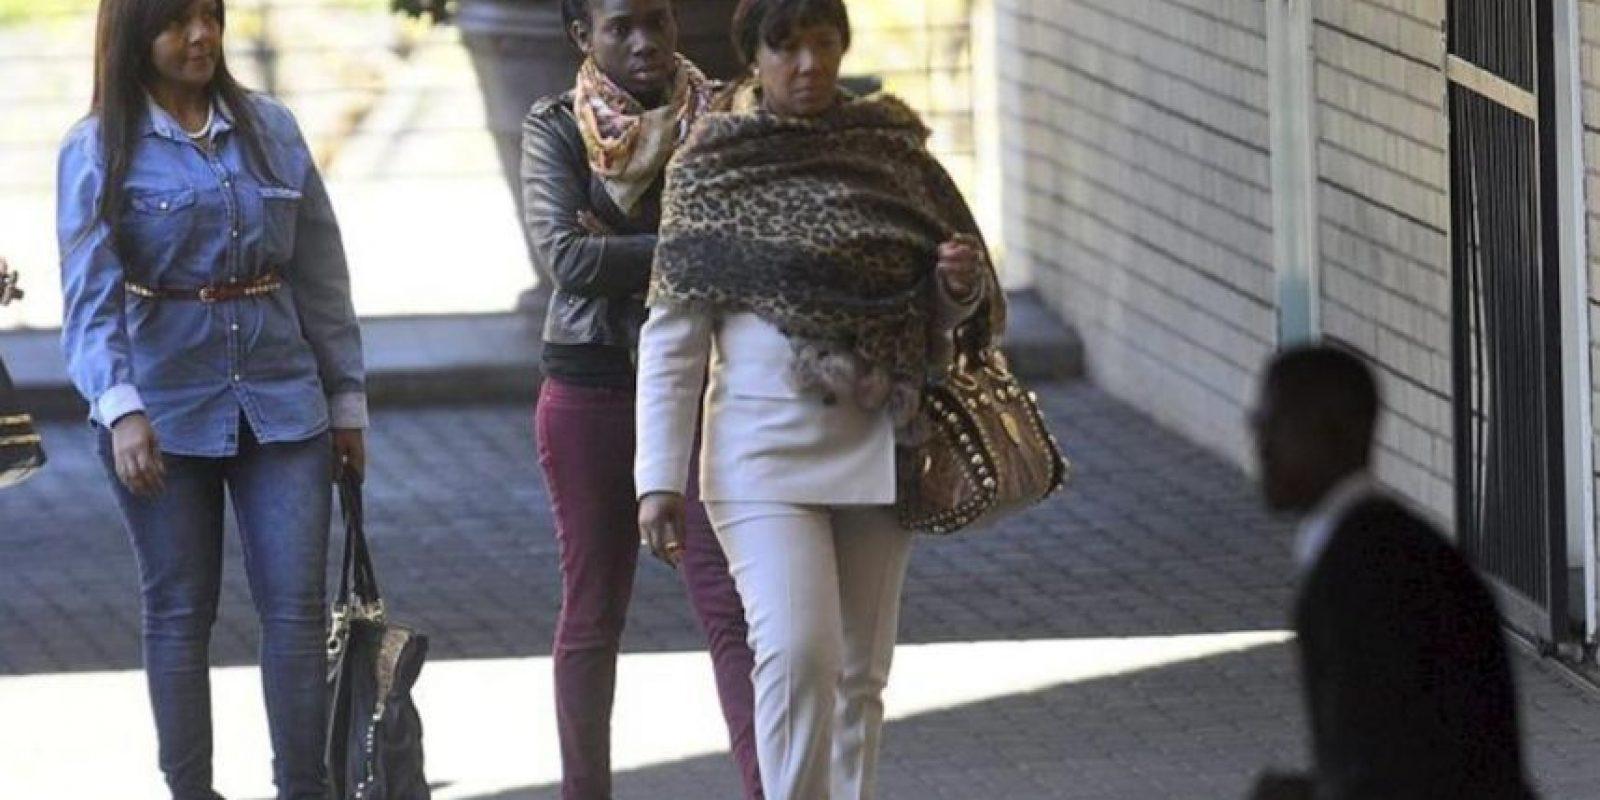 La nieta del expresidente sudafricano Nelson Mandela Ndileka (izda) y su bisnieta Makaziwe (dcha), a su llegada este viernes al hospital en el que su abuelo permanece ingresado en Pretoria (Sudáfrica). EFE